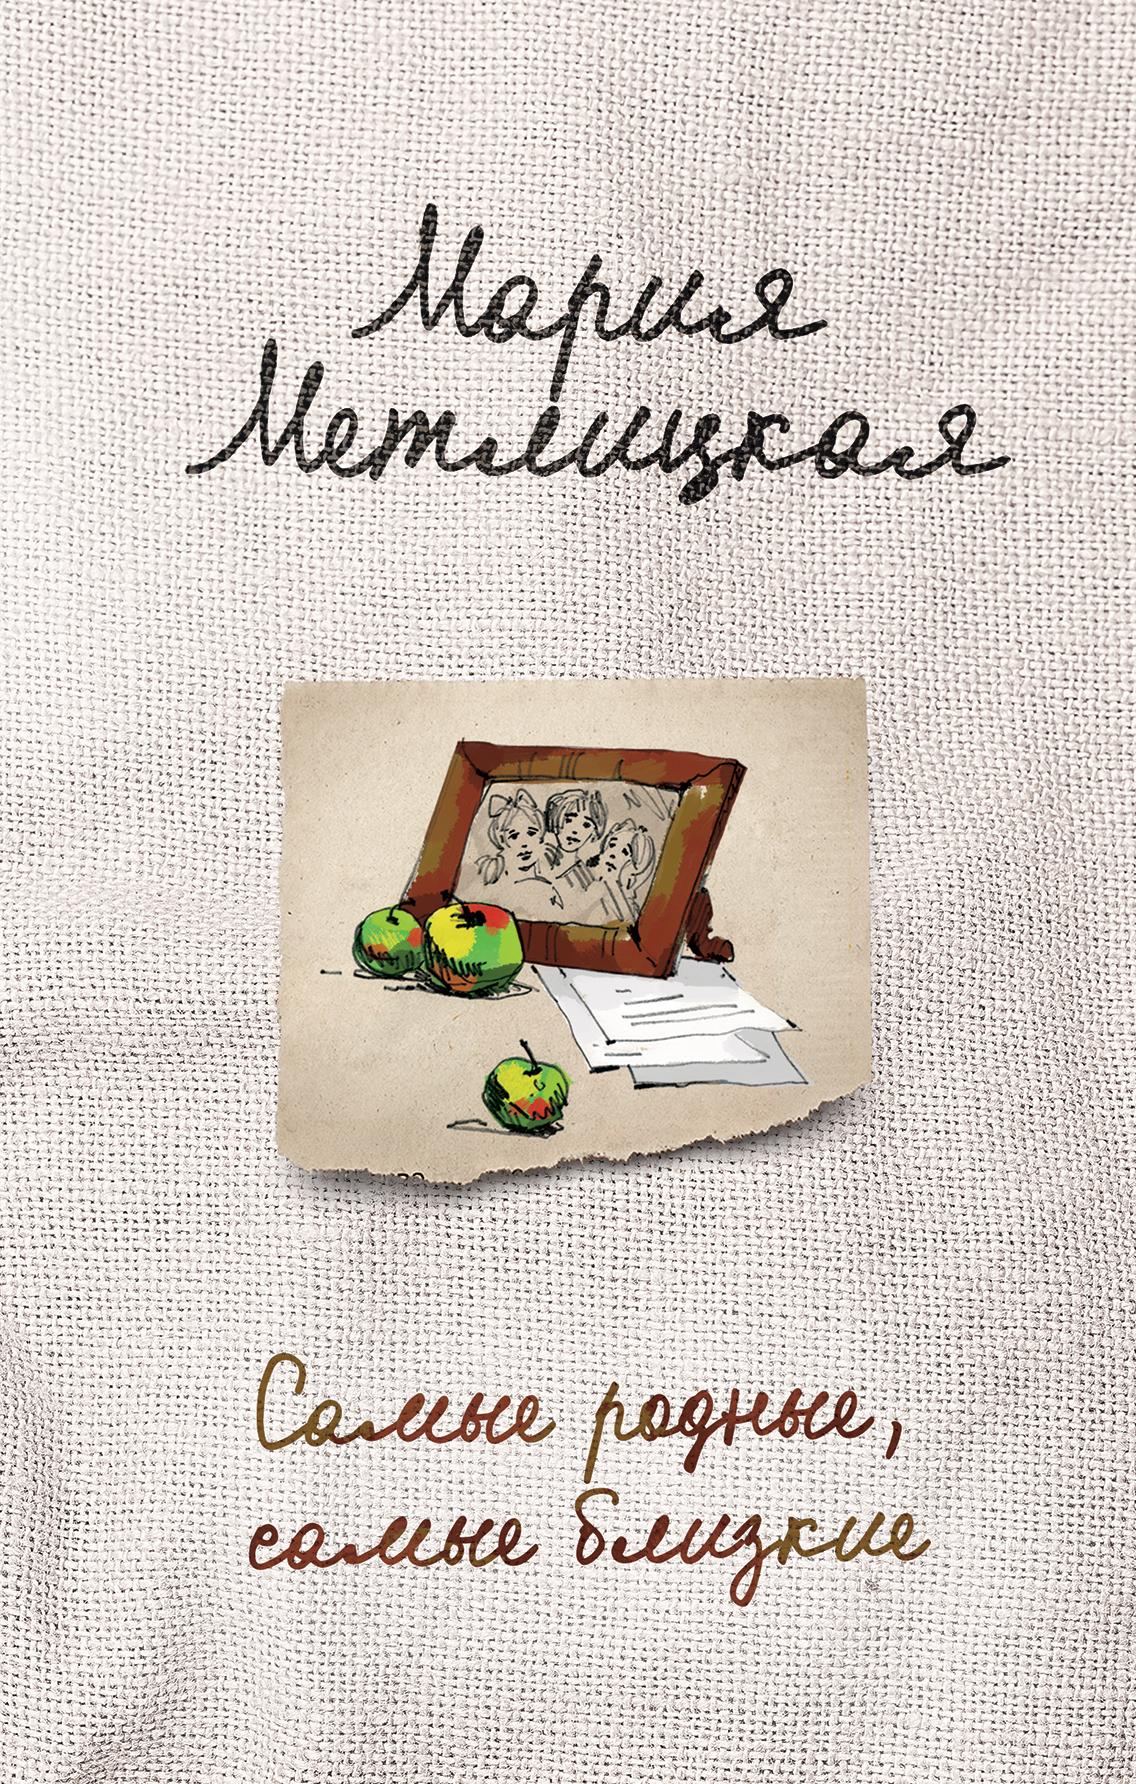 Читать онлайн бесплатно мария метлицкая